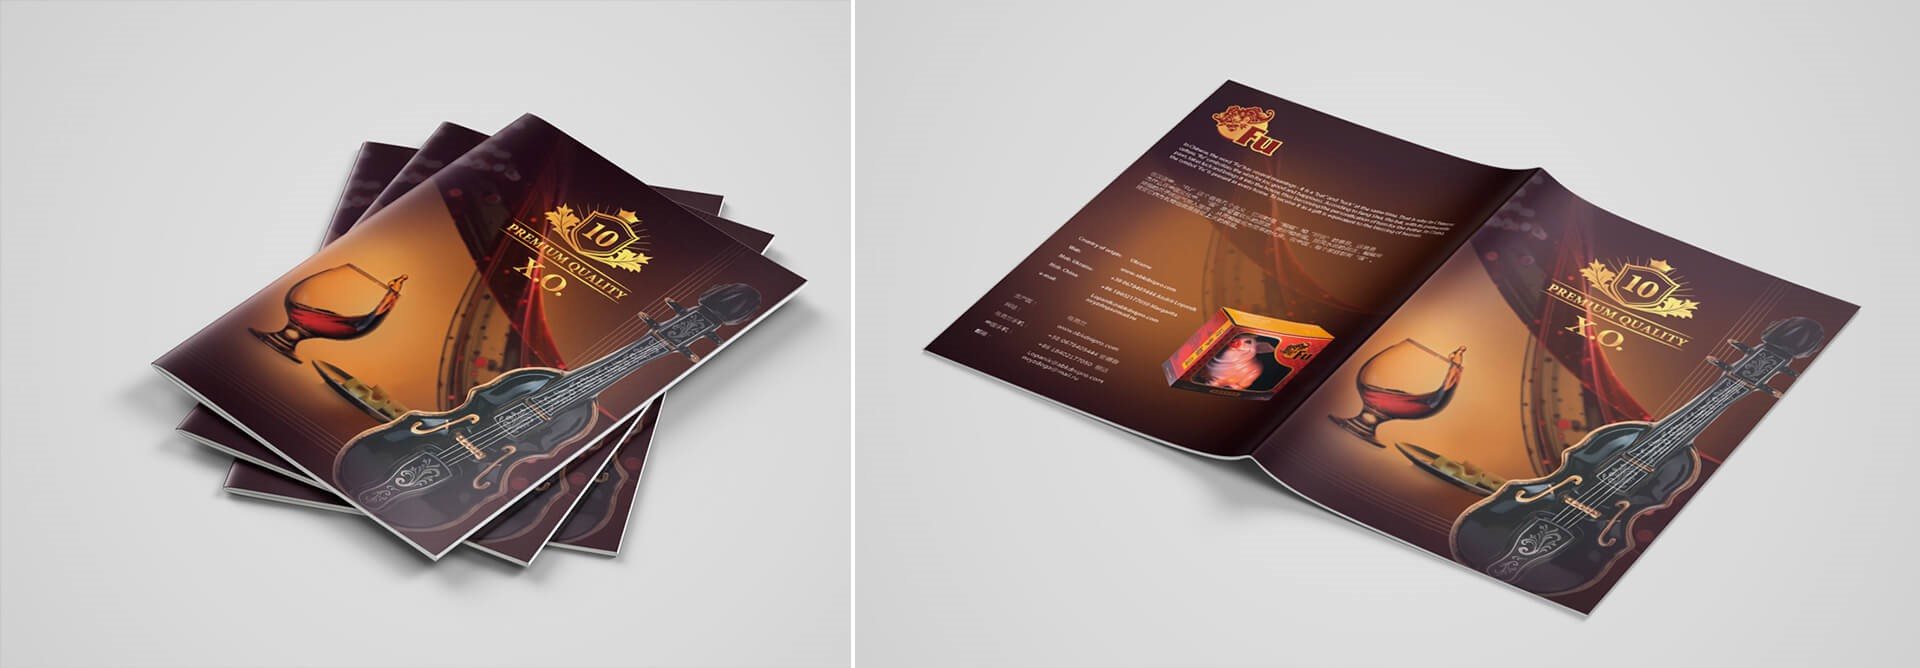 Печать каталогов малым тиражом в Москве | фото 5